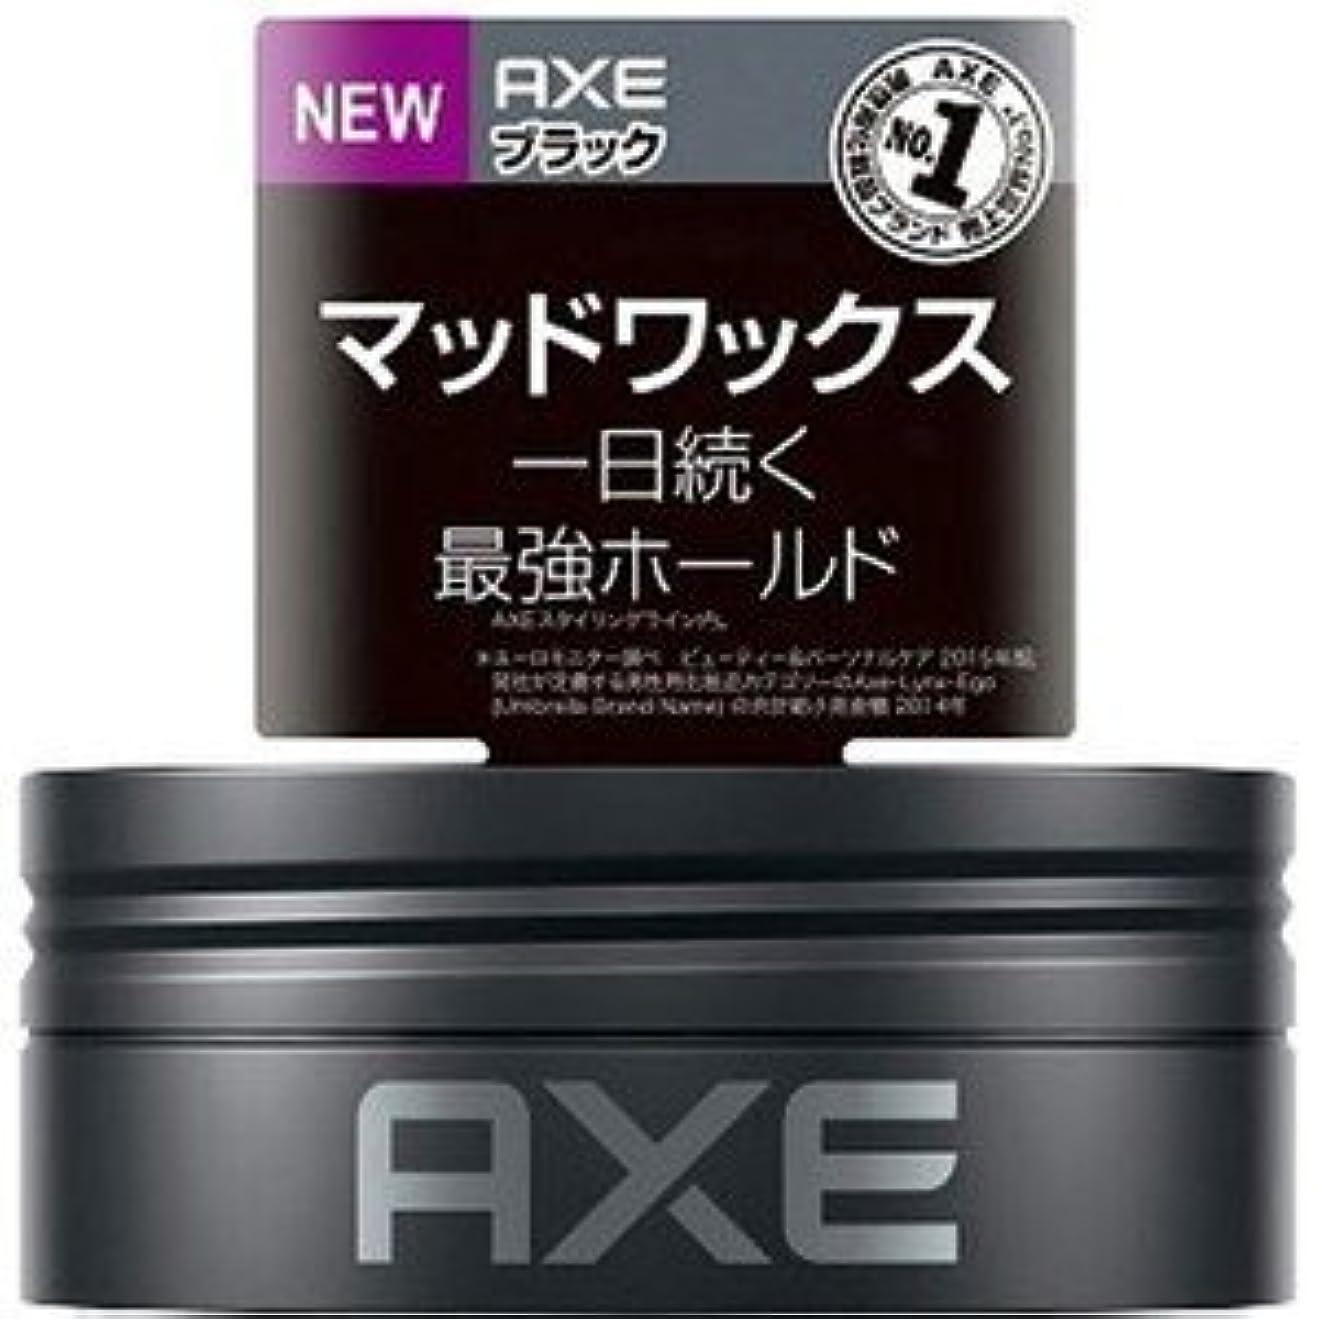 スキニー肥料動(2016年春の新商品)(ユニリーバ)AXE(アックス) ブラック デフィニティブホールド マッドワックス 65g